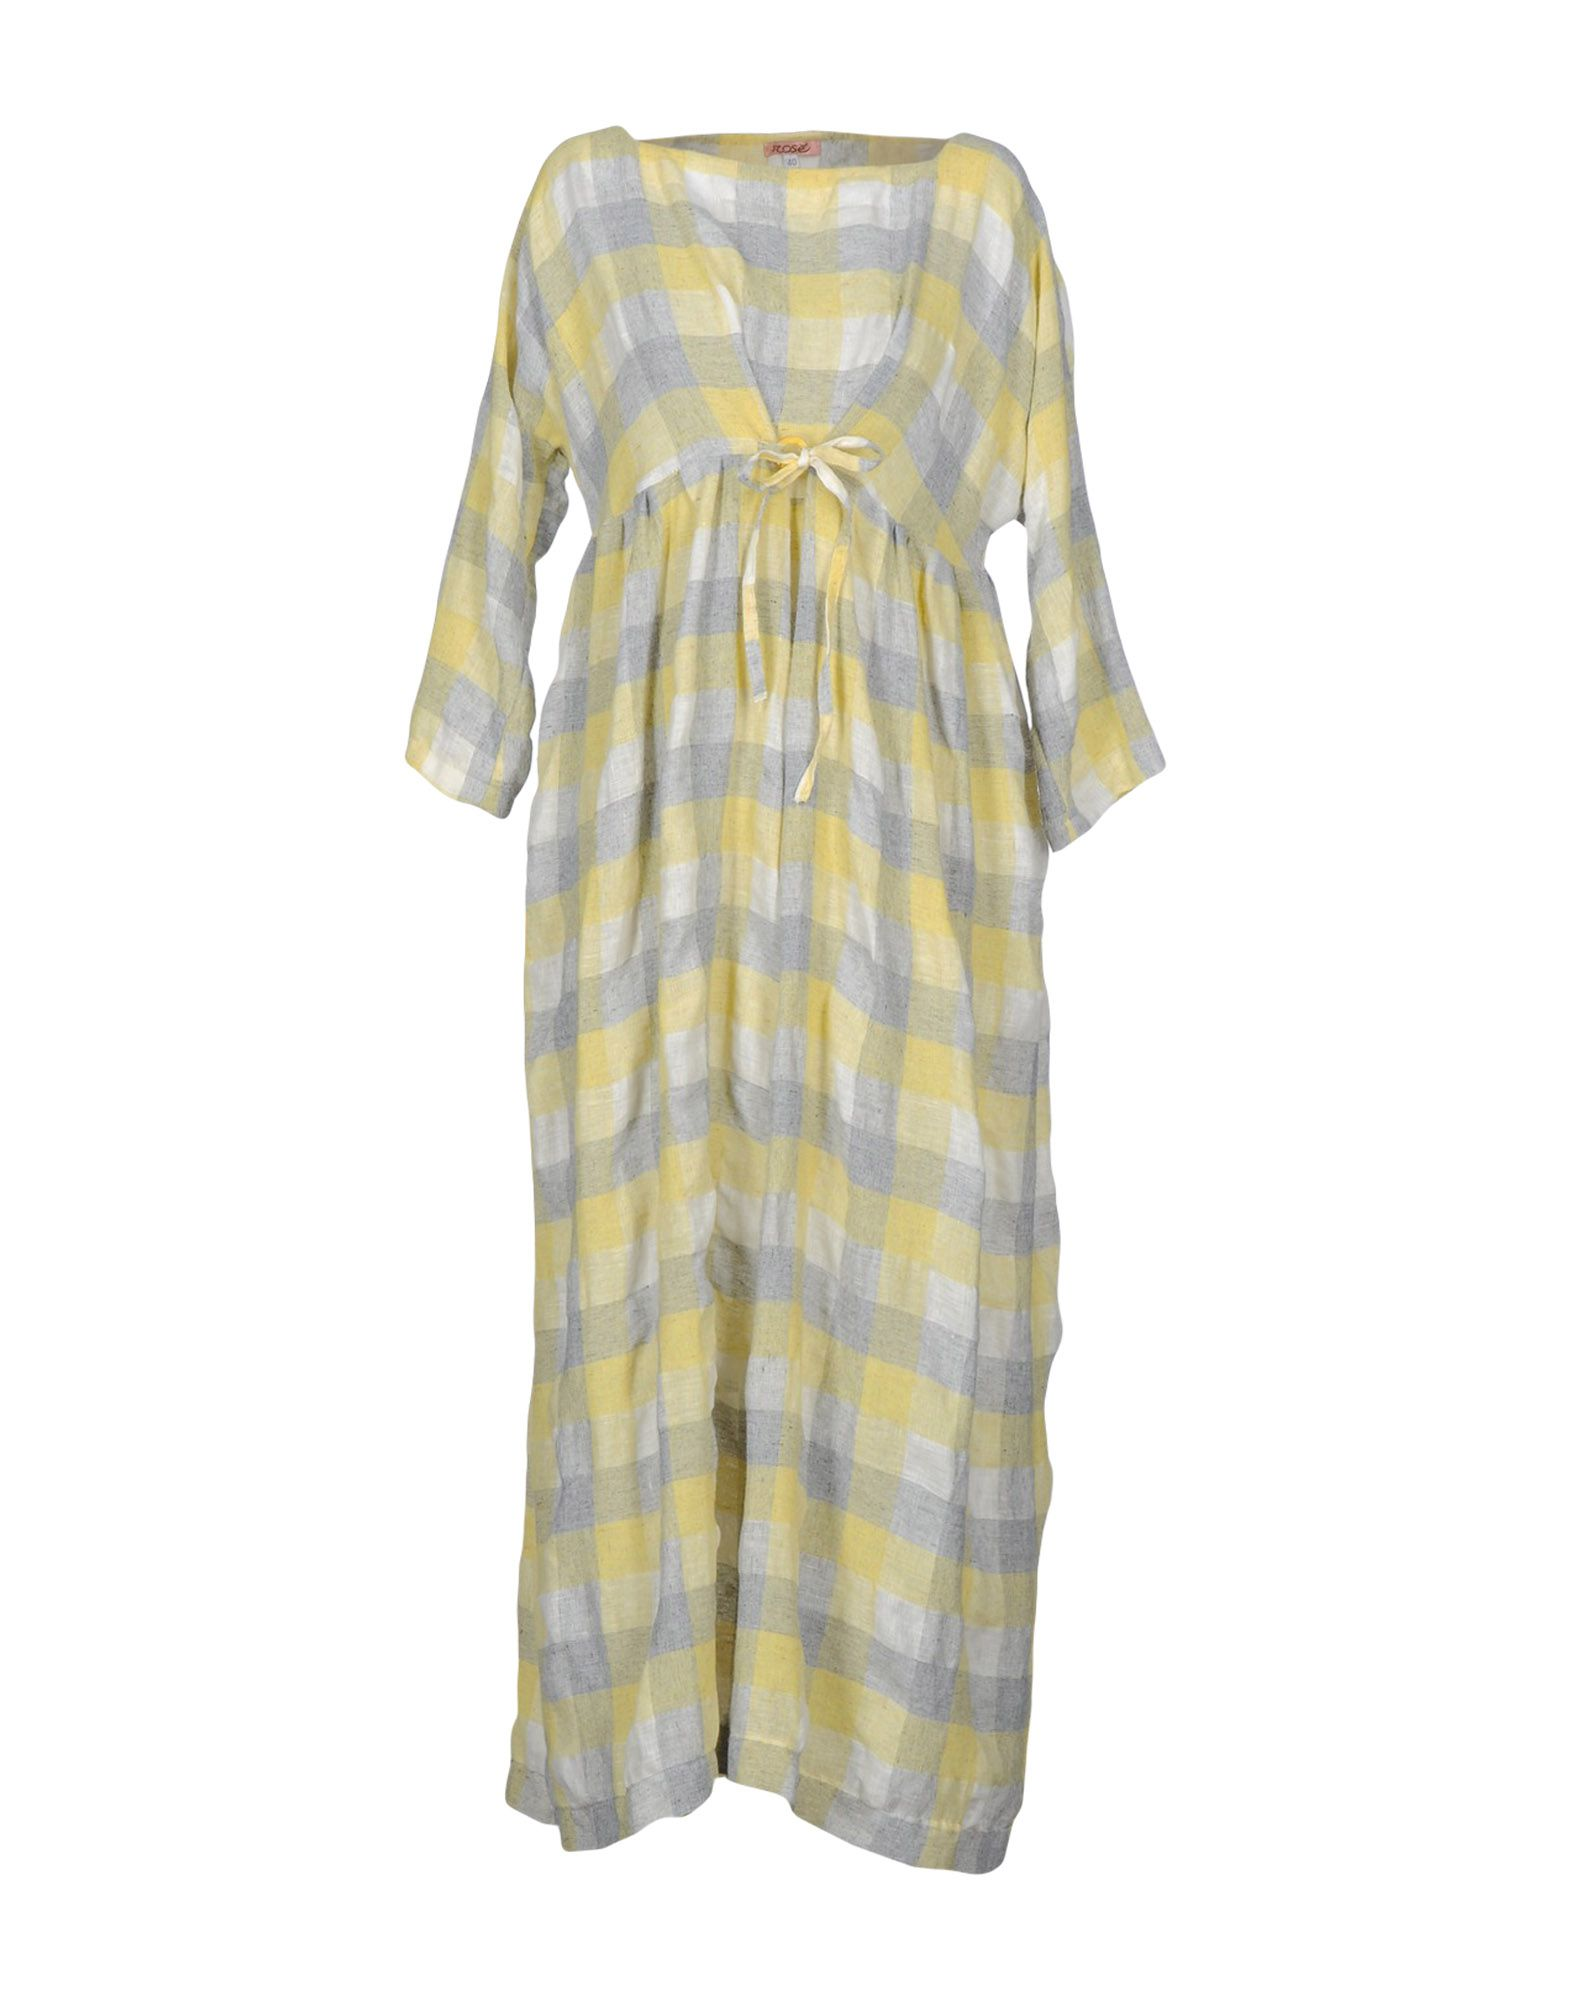 ROSE' A POIS Платье длиной 3/4 lisa corti платье длиной 3 4